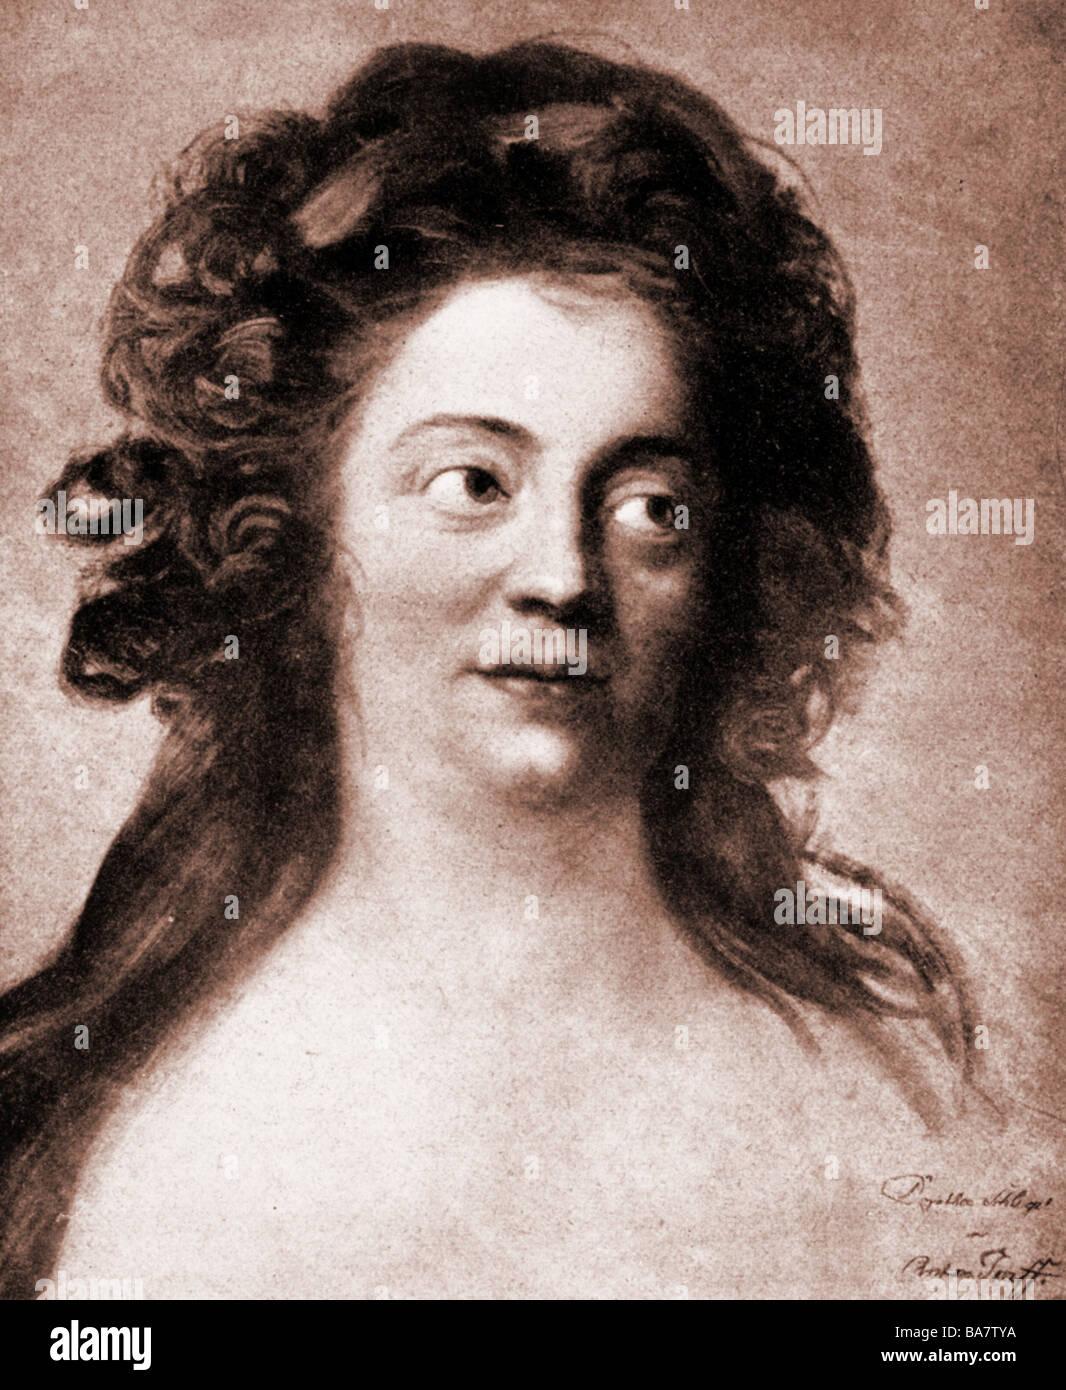 Schlegel, Dorothea Friederike, 24.10.1763 - 3.8.1839, autore/scrittore tedesco, ritratto, dopo la pittura di Anton Foto Stock